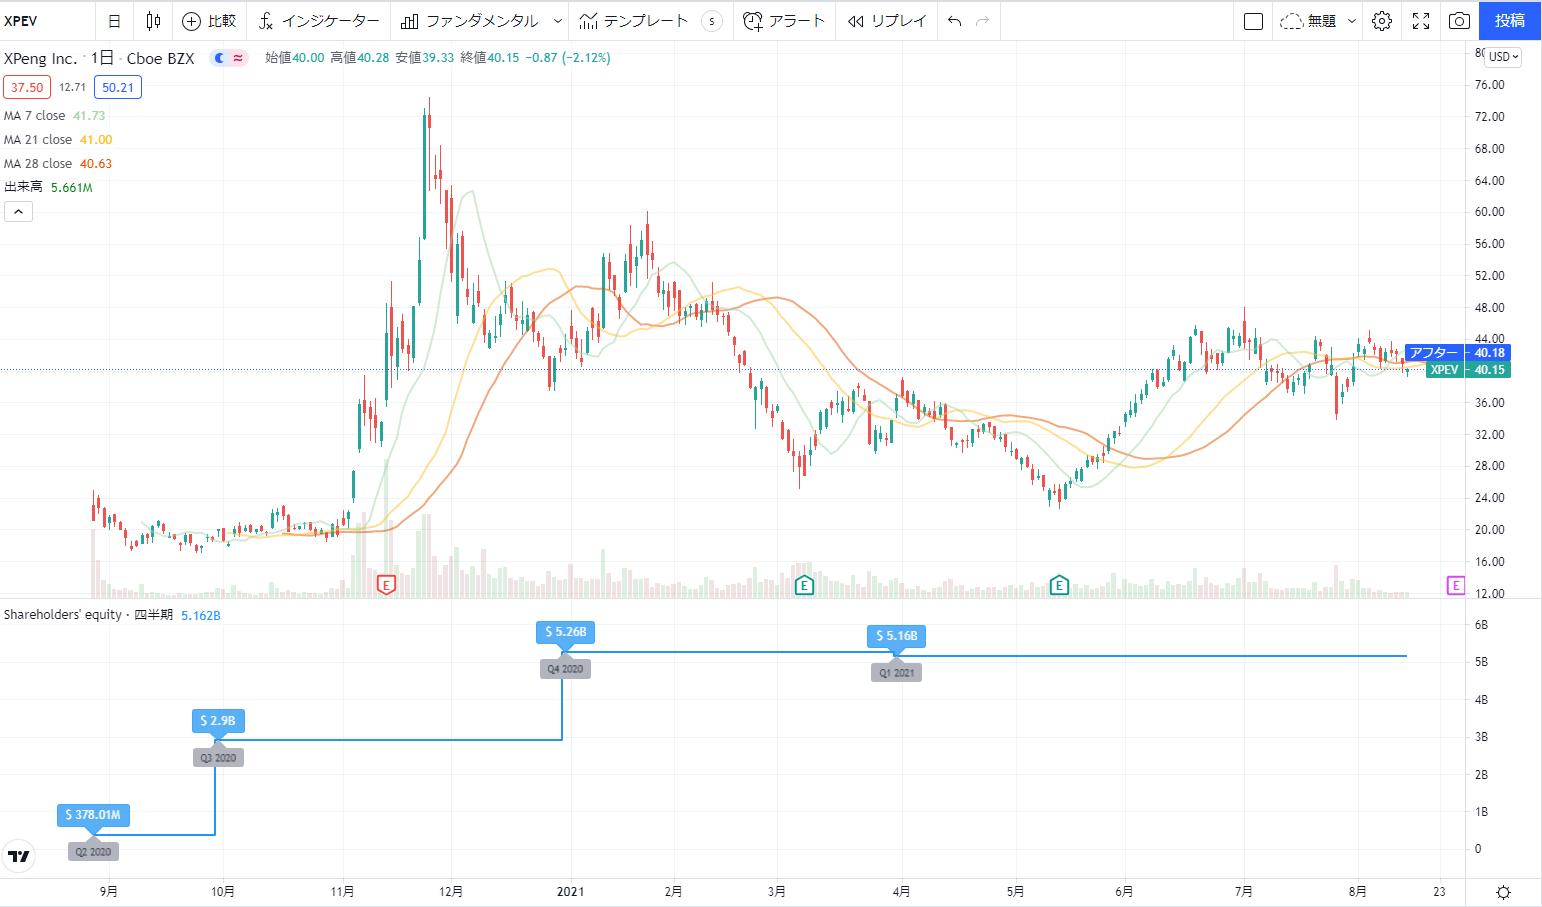 米国アメリカ株おすすめ新規上場銘柄(IPO)2020の8位: シャオペンXpeng XPEV株価チャート